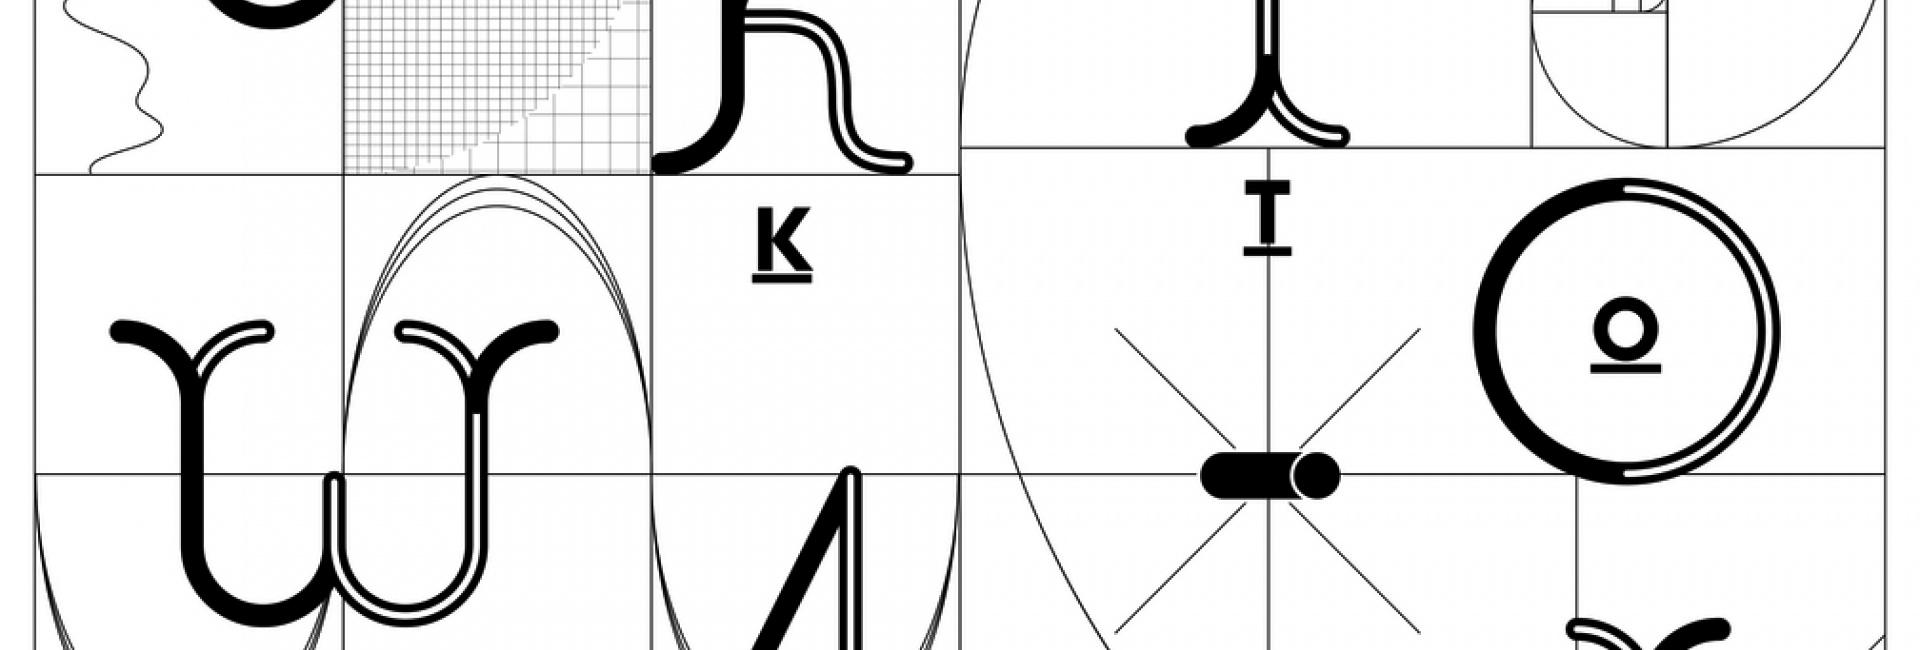 Designing The Design